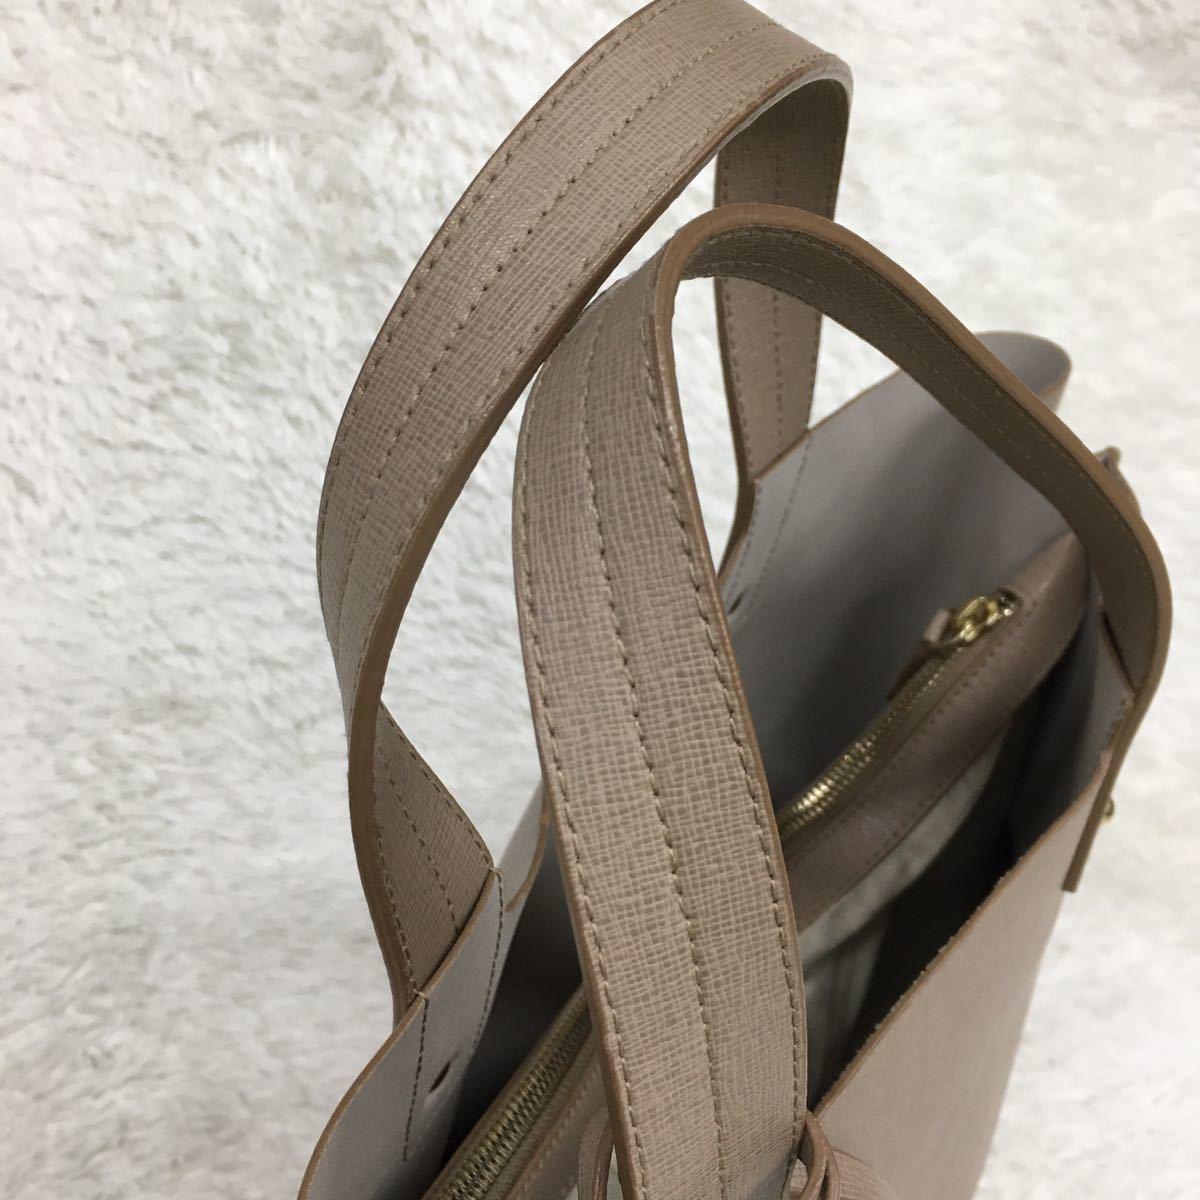 FURLA フルラ ハンドバッグ トートバッグ レザー 革 金具ゴールドカラー Fチャーム付き レディース_画像4